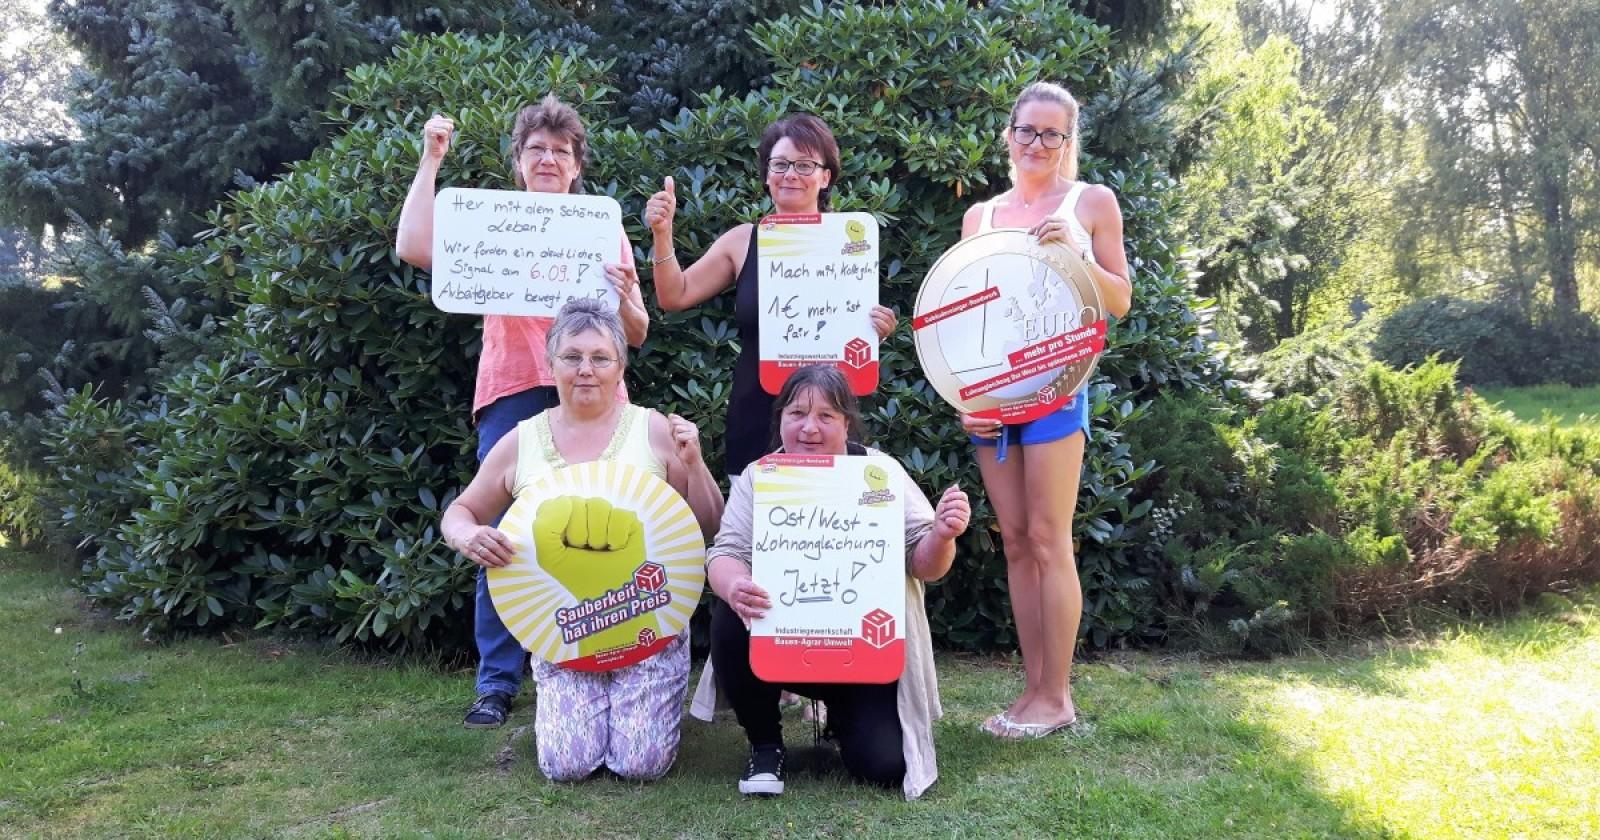 """Kolleginnen von Saxonia in Suderburg: """"Lohnangleichung längst überfällig -  Arbeitgeber bewegt euch!"""""""